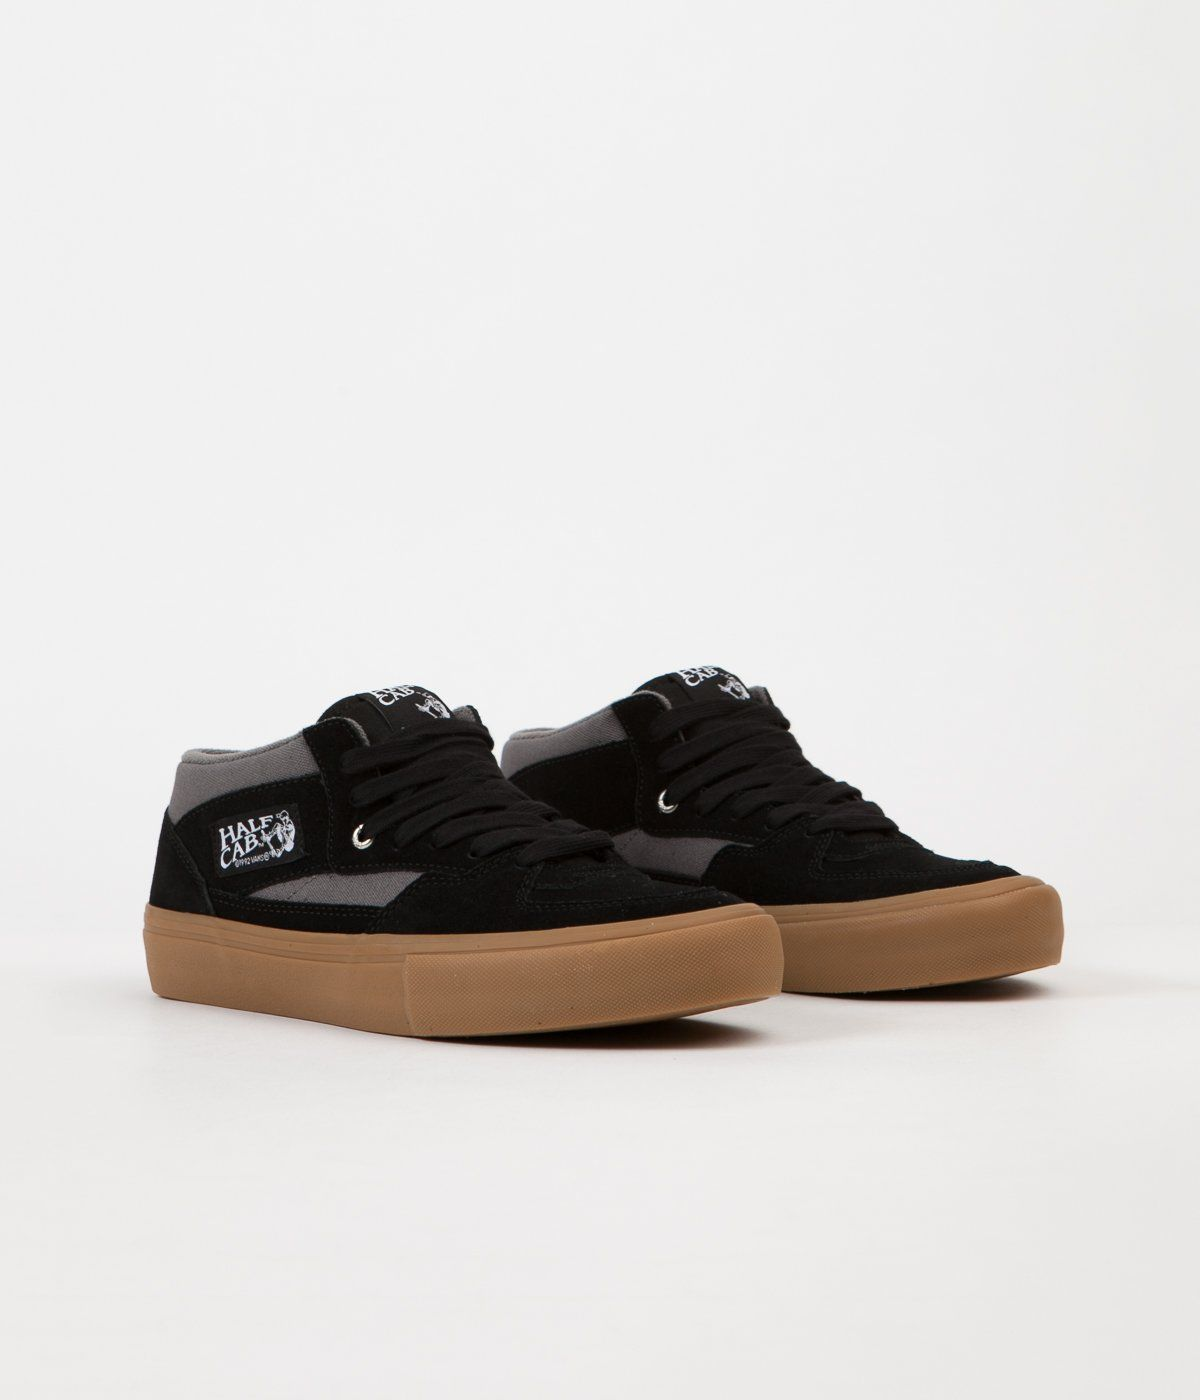 4c93016bd98d0f Vans Half Cab Pro Shoes - Black   Pewter   Gum